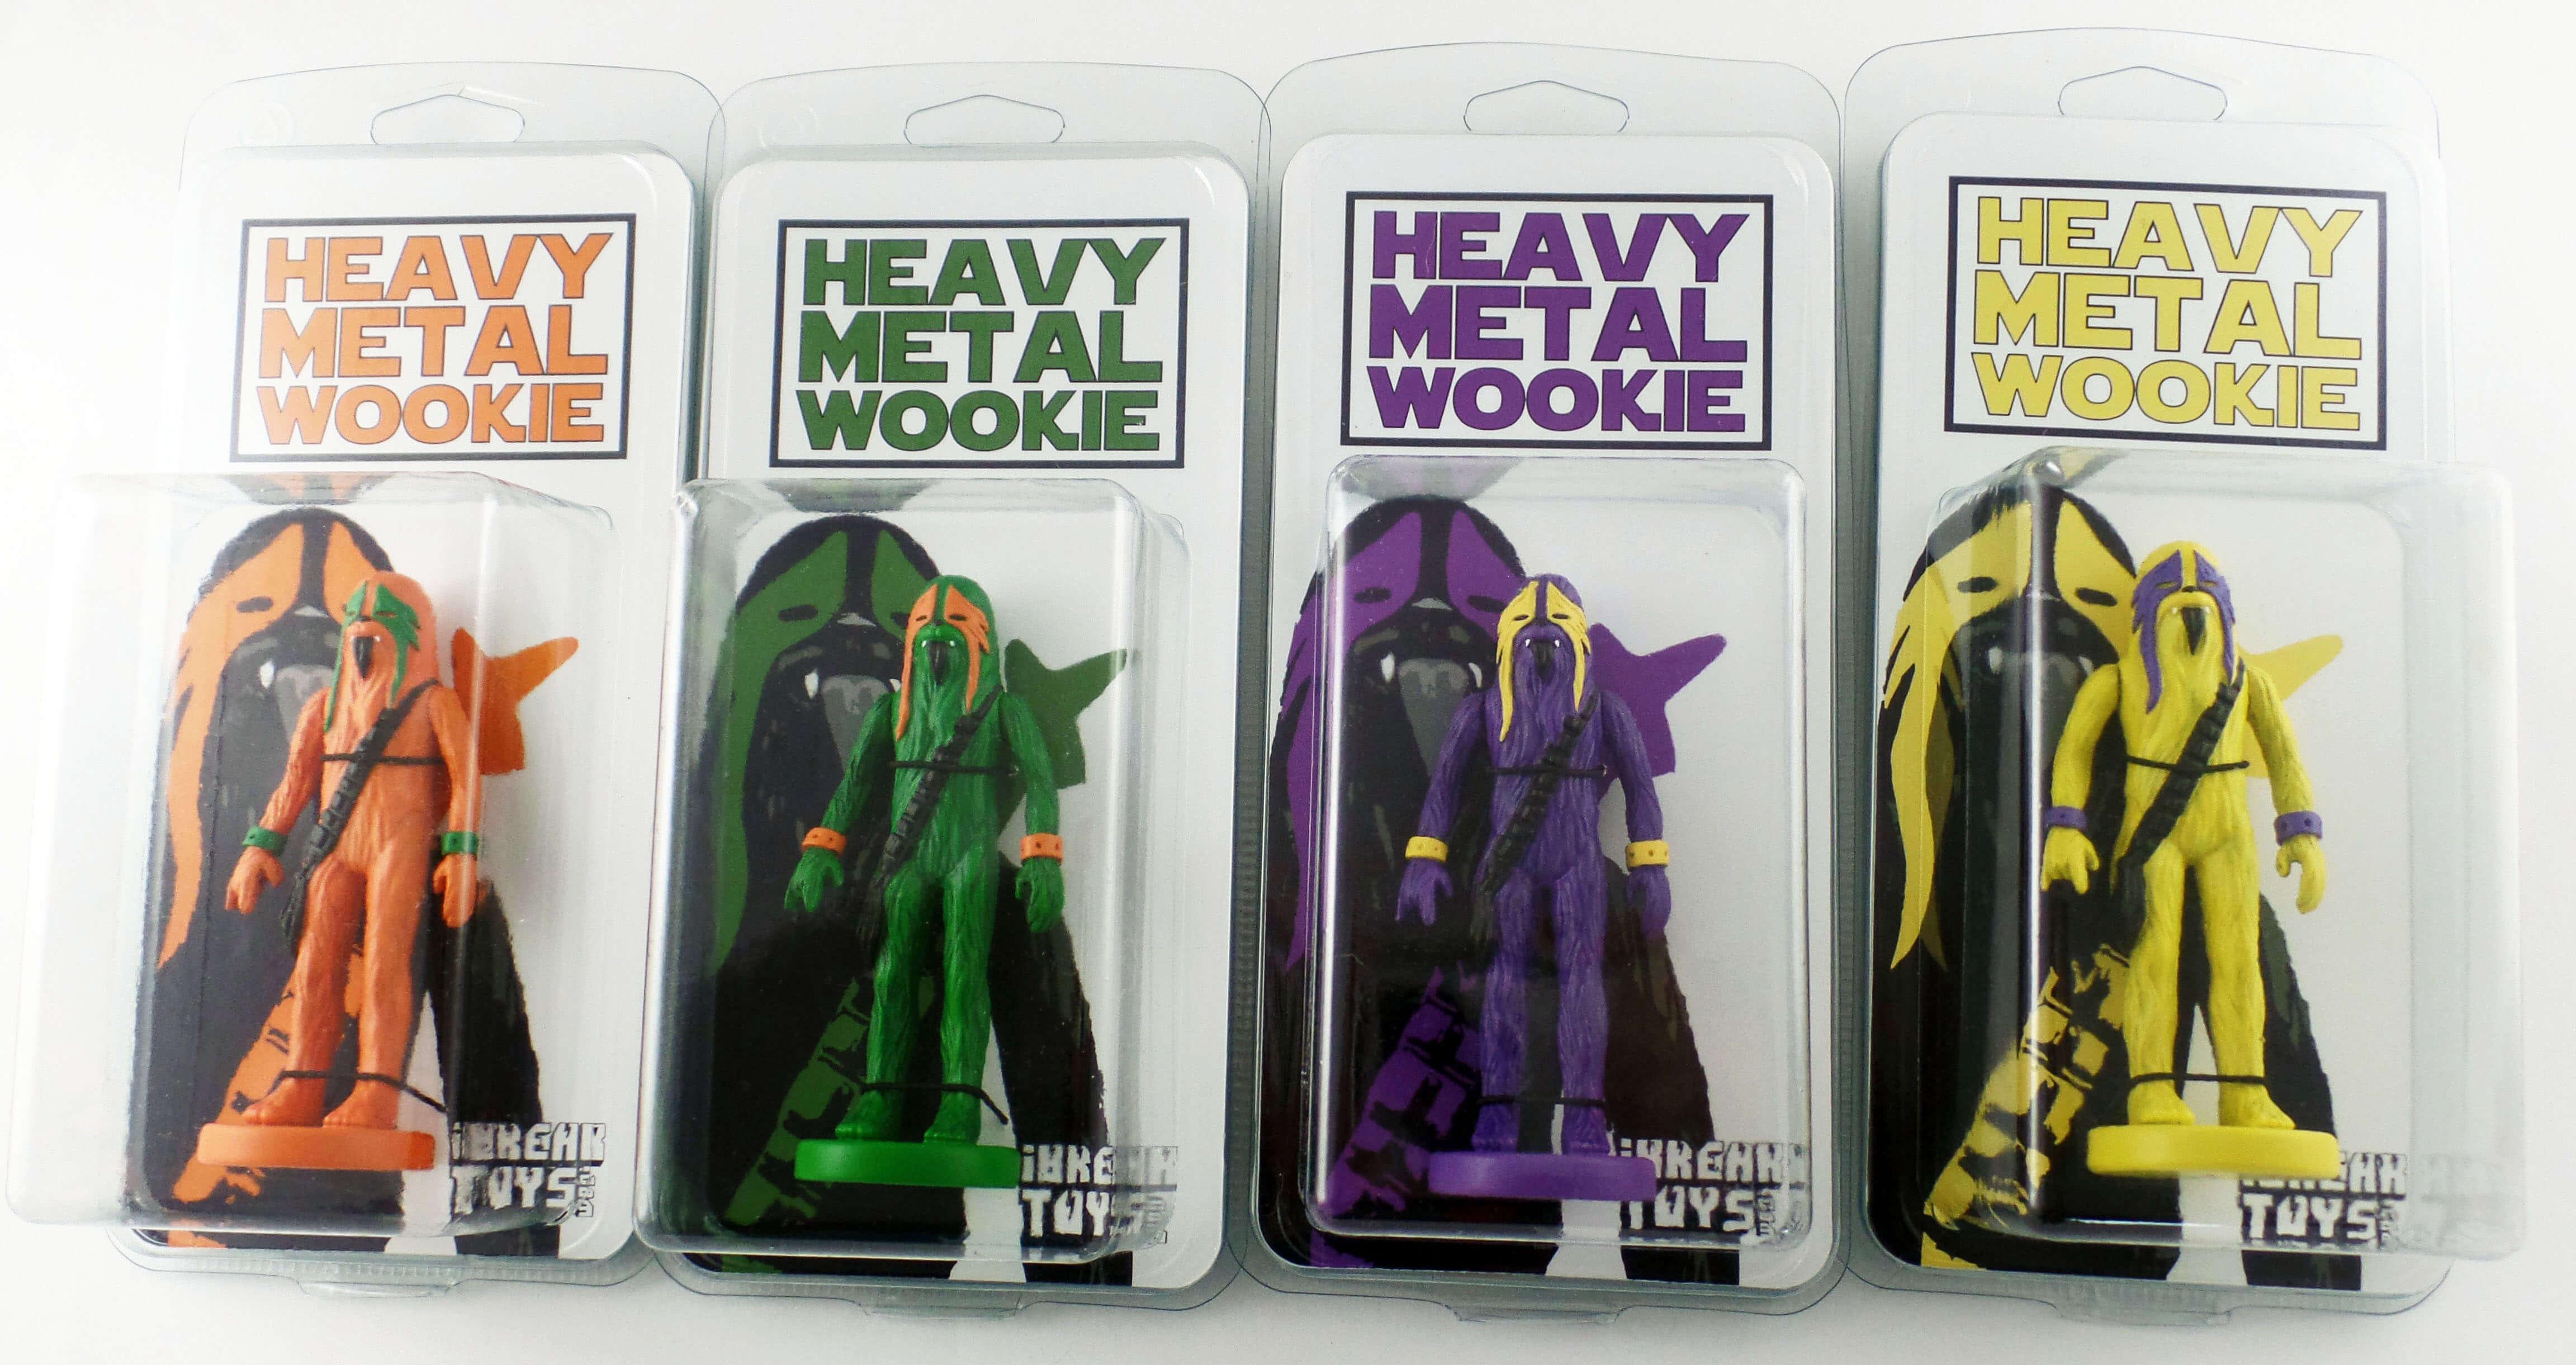 Heavy Metal Wookie Packaging